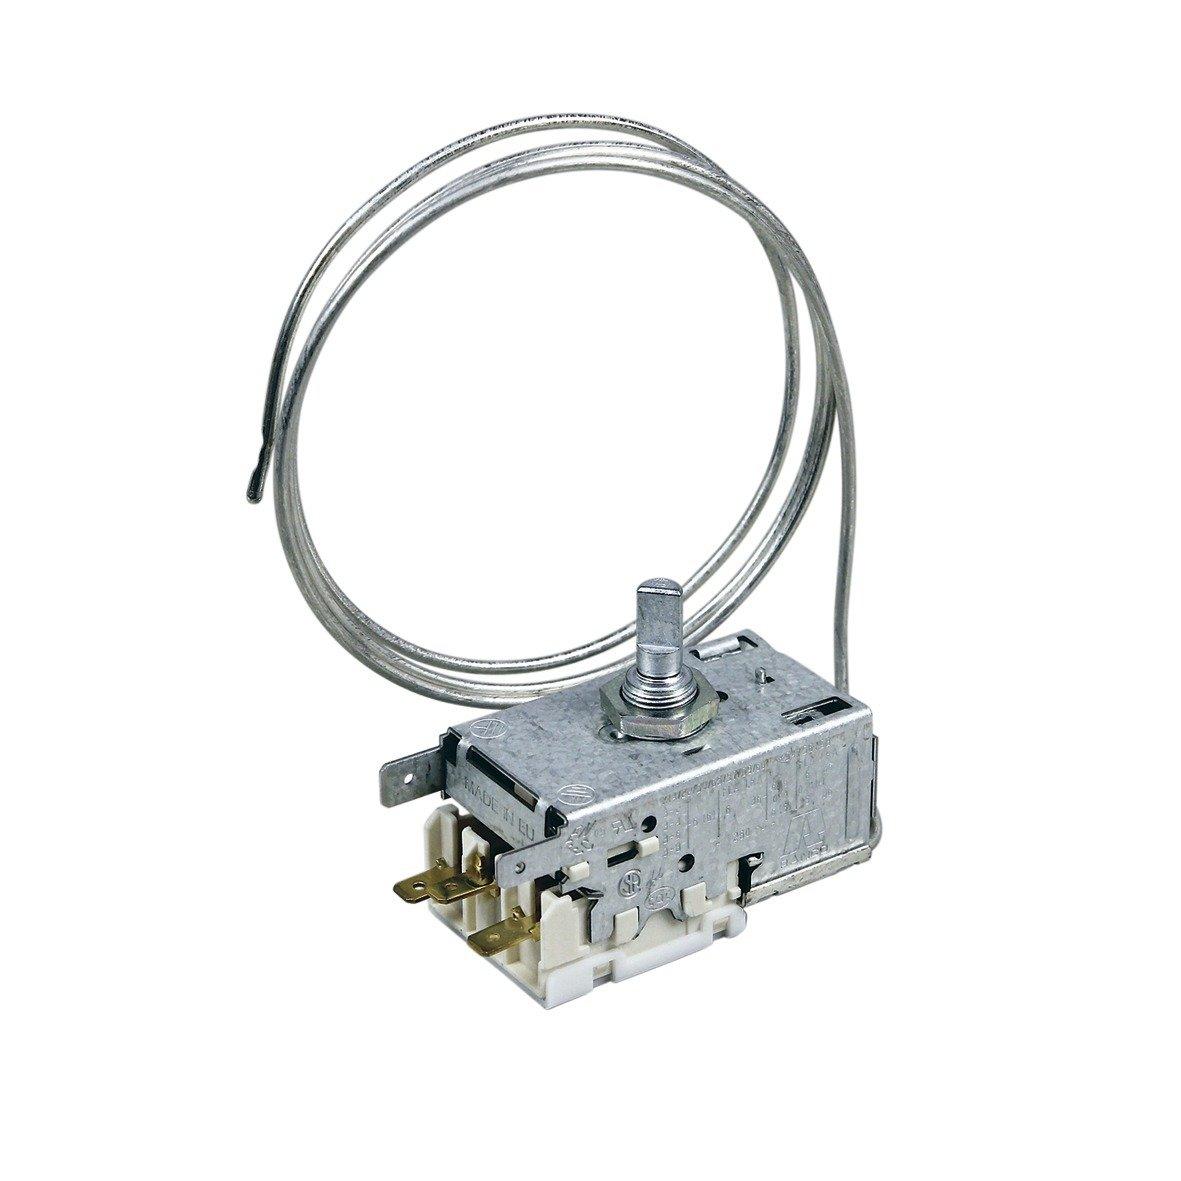 K59H1300 Kühlschrankthermostat Alternativersatzteil: Amazon.de ...